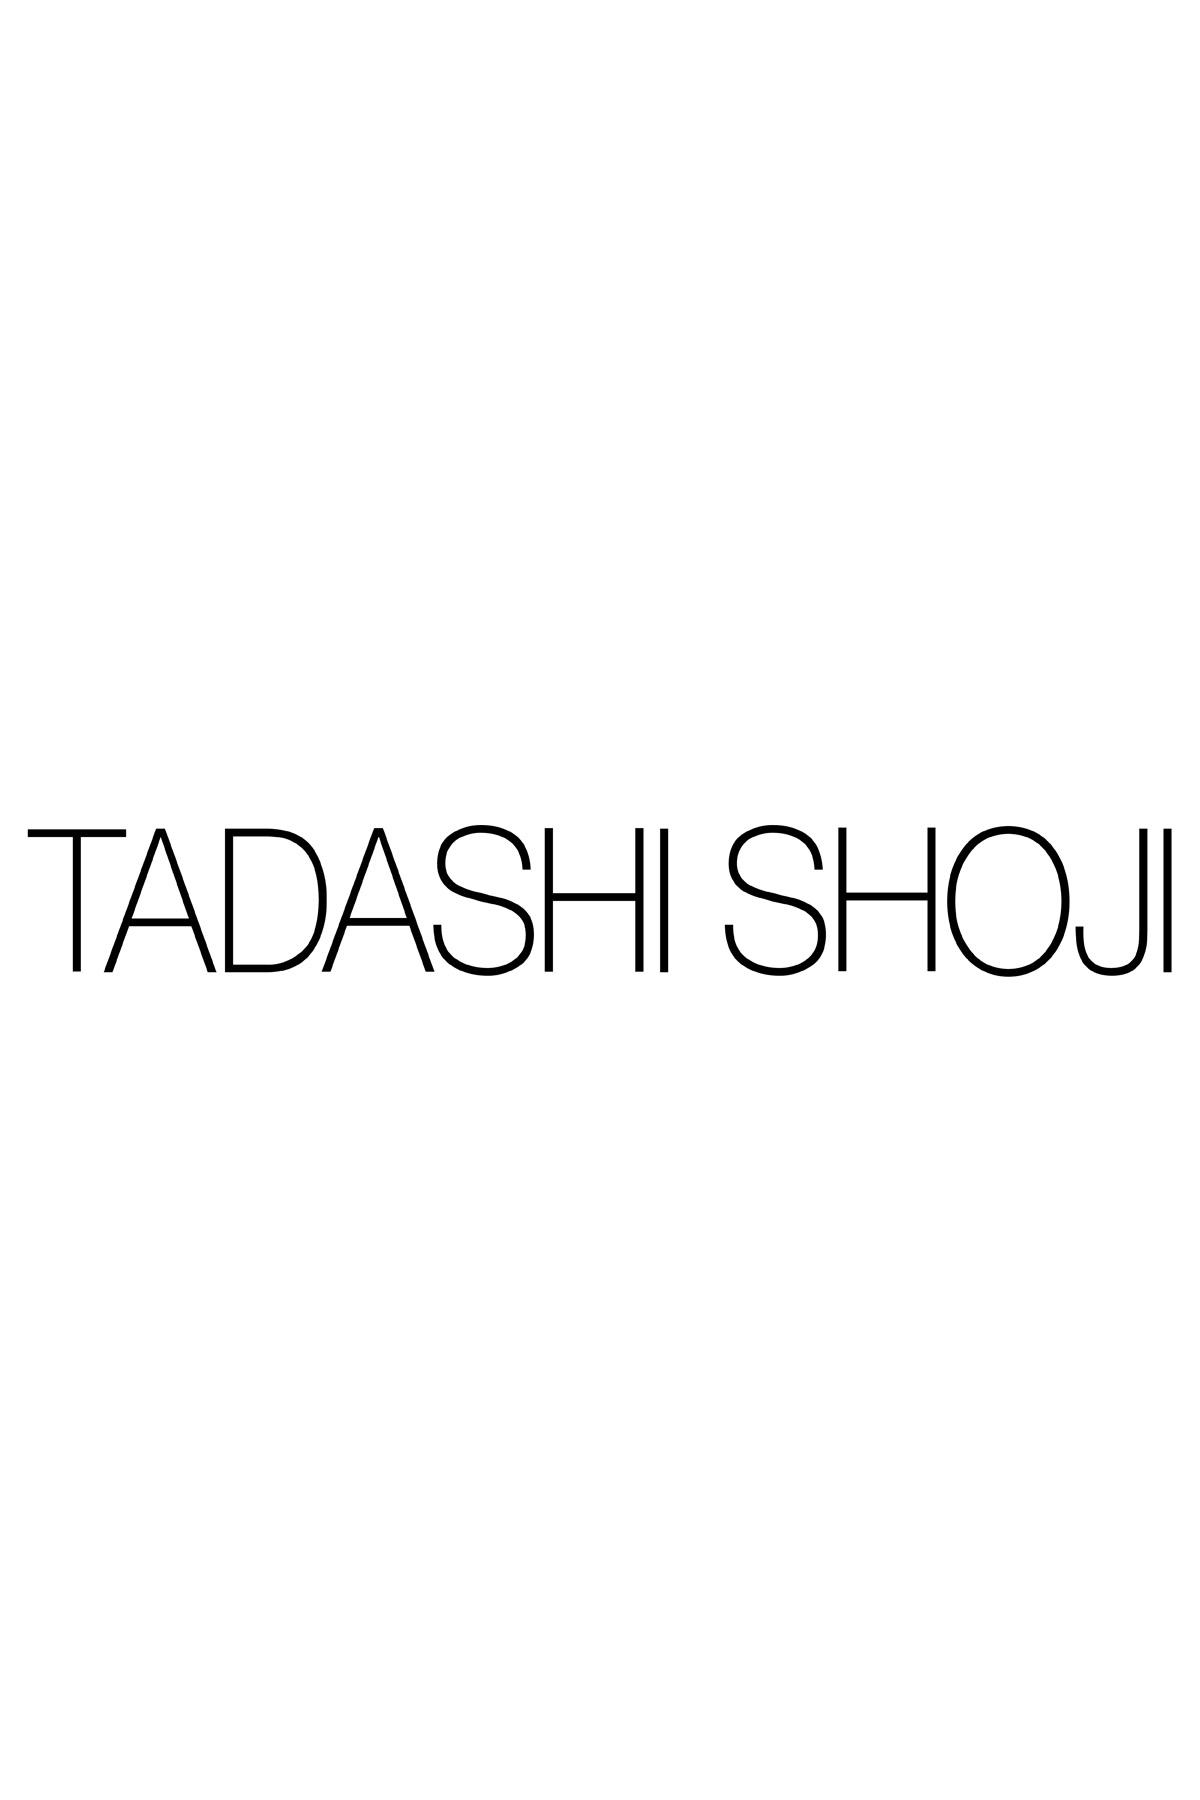 Tadashi Shoji Plus Size Detail - Metallic Corded Embroidery on Tulle V-Neck Gown